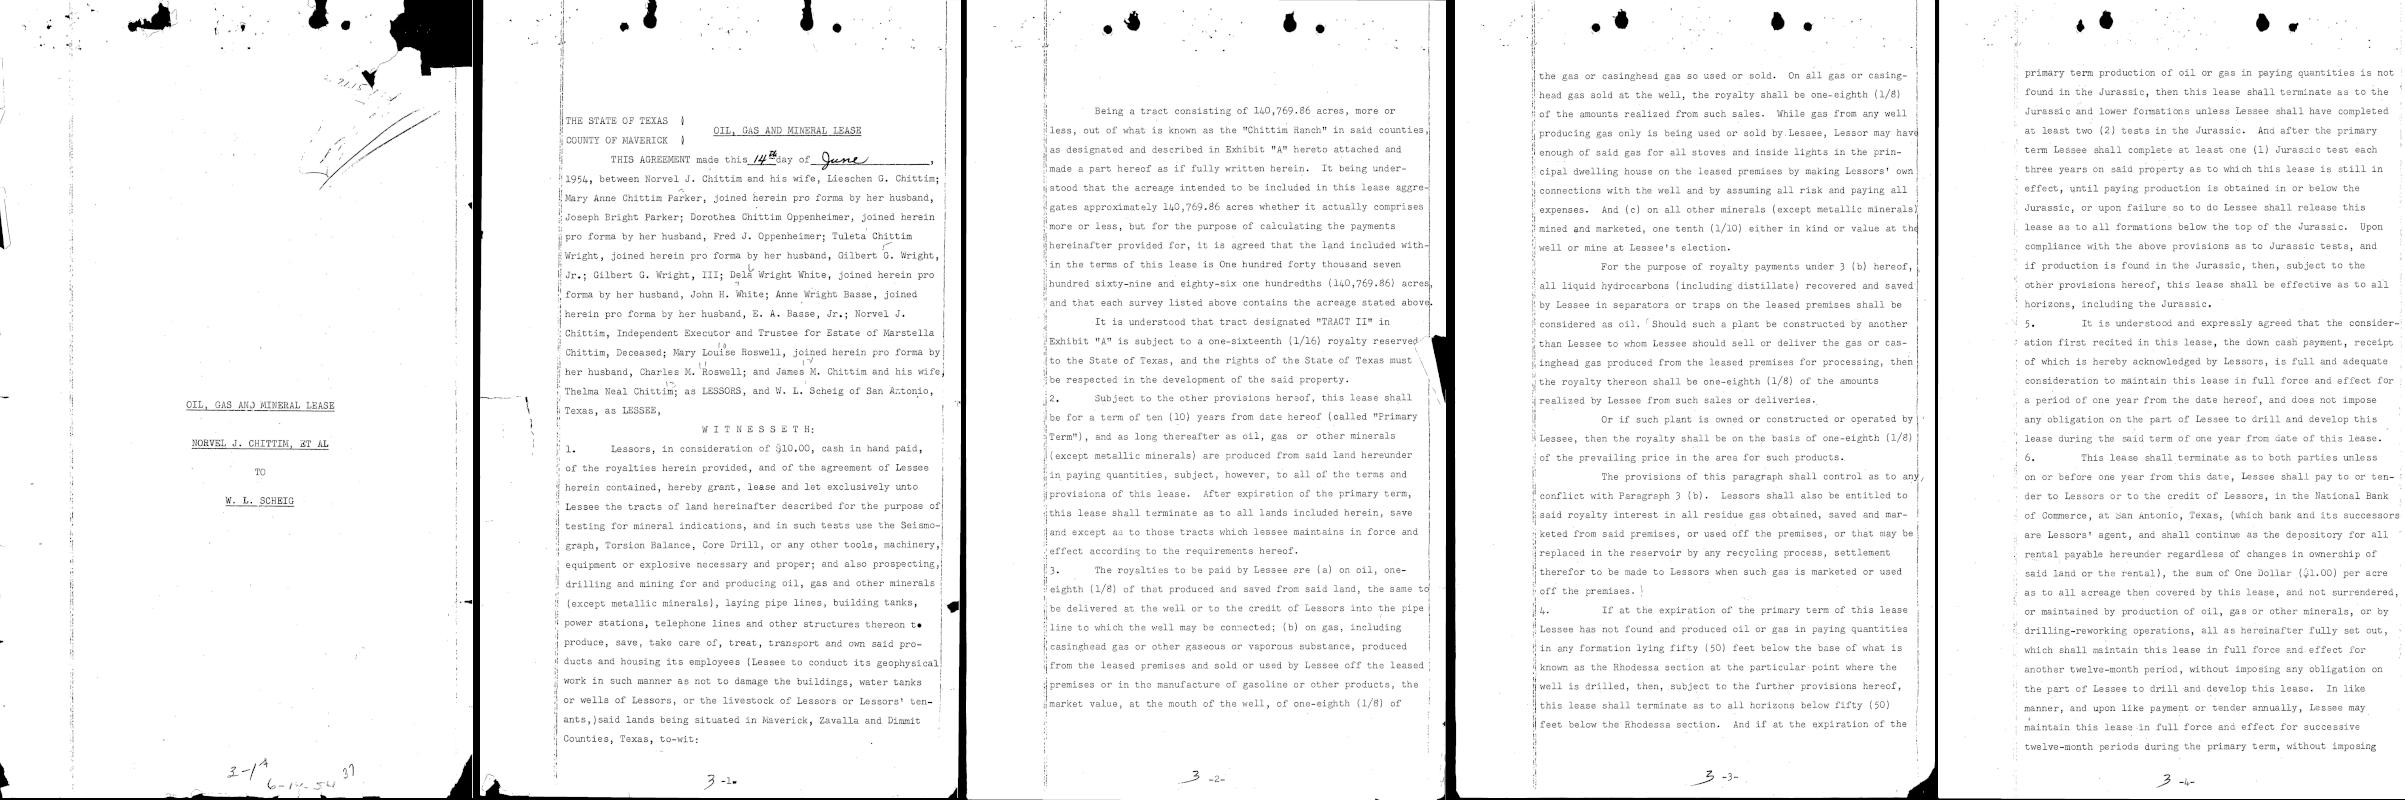 PDF ファイルの最初の 5 ページ